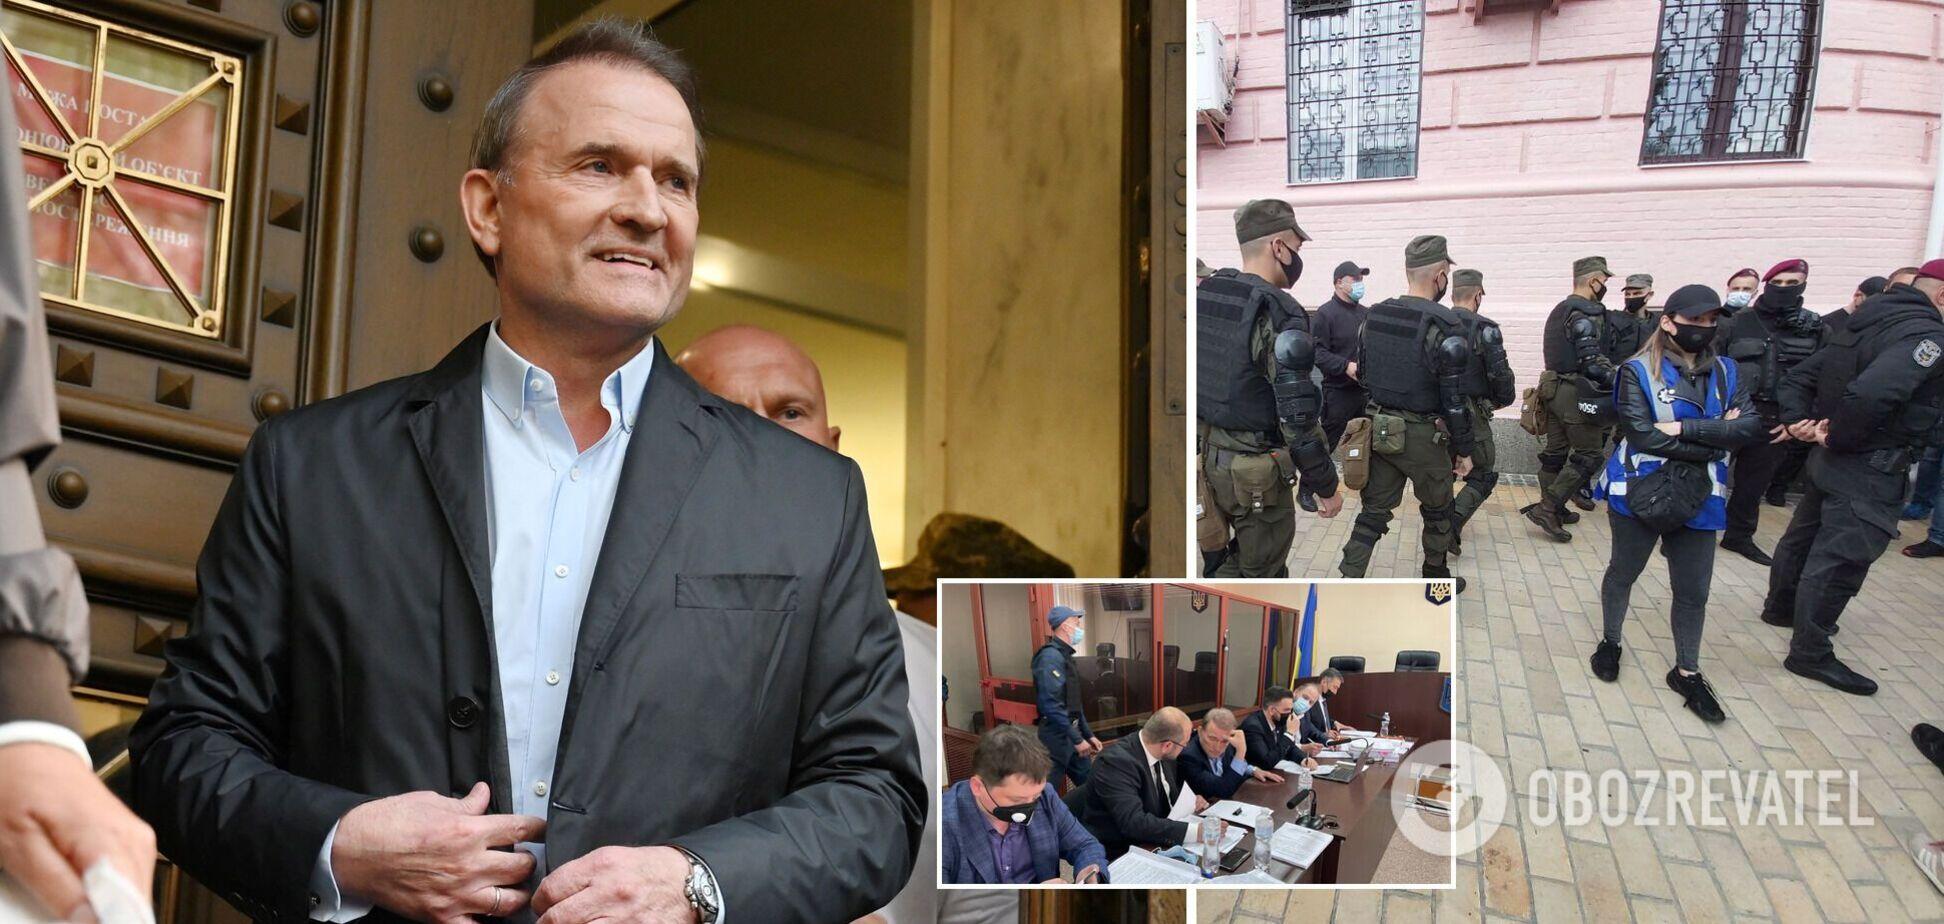 Адвокаты попросили не избирать меру пресечения Медведчуку. Все детали, фото и видео из зала суда